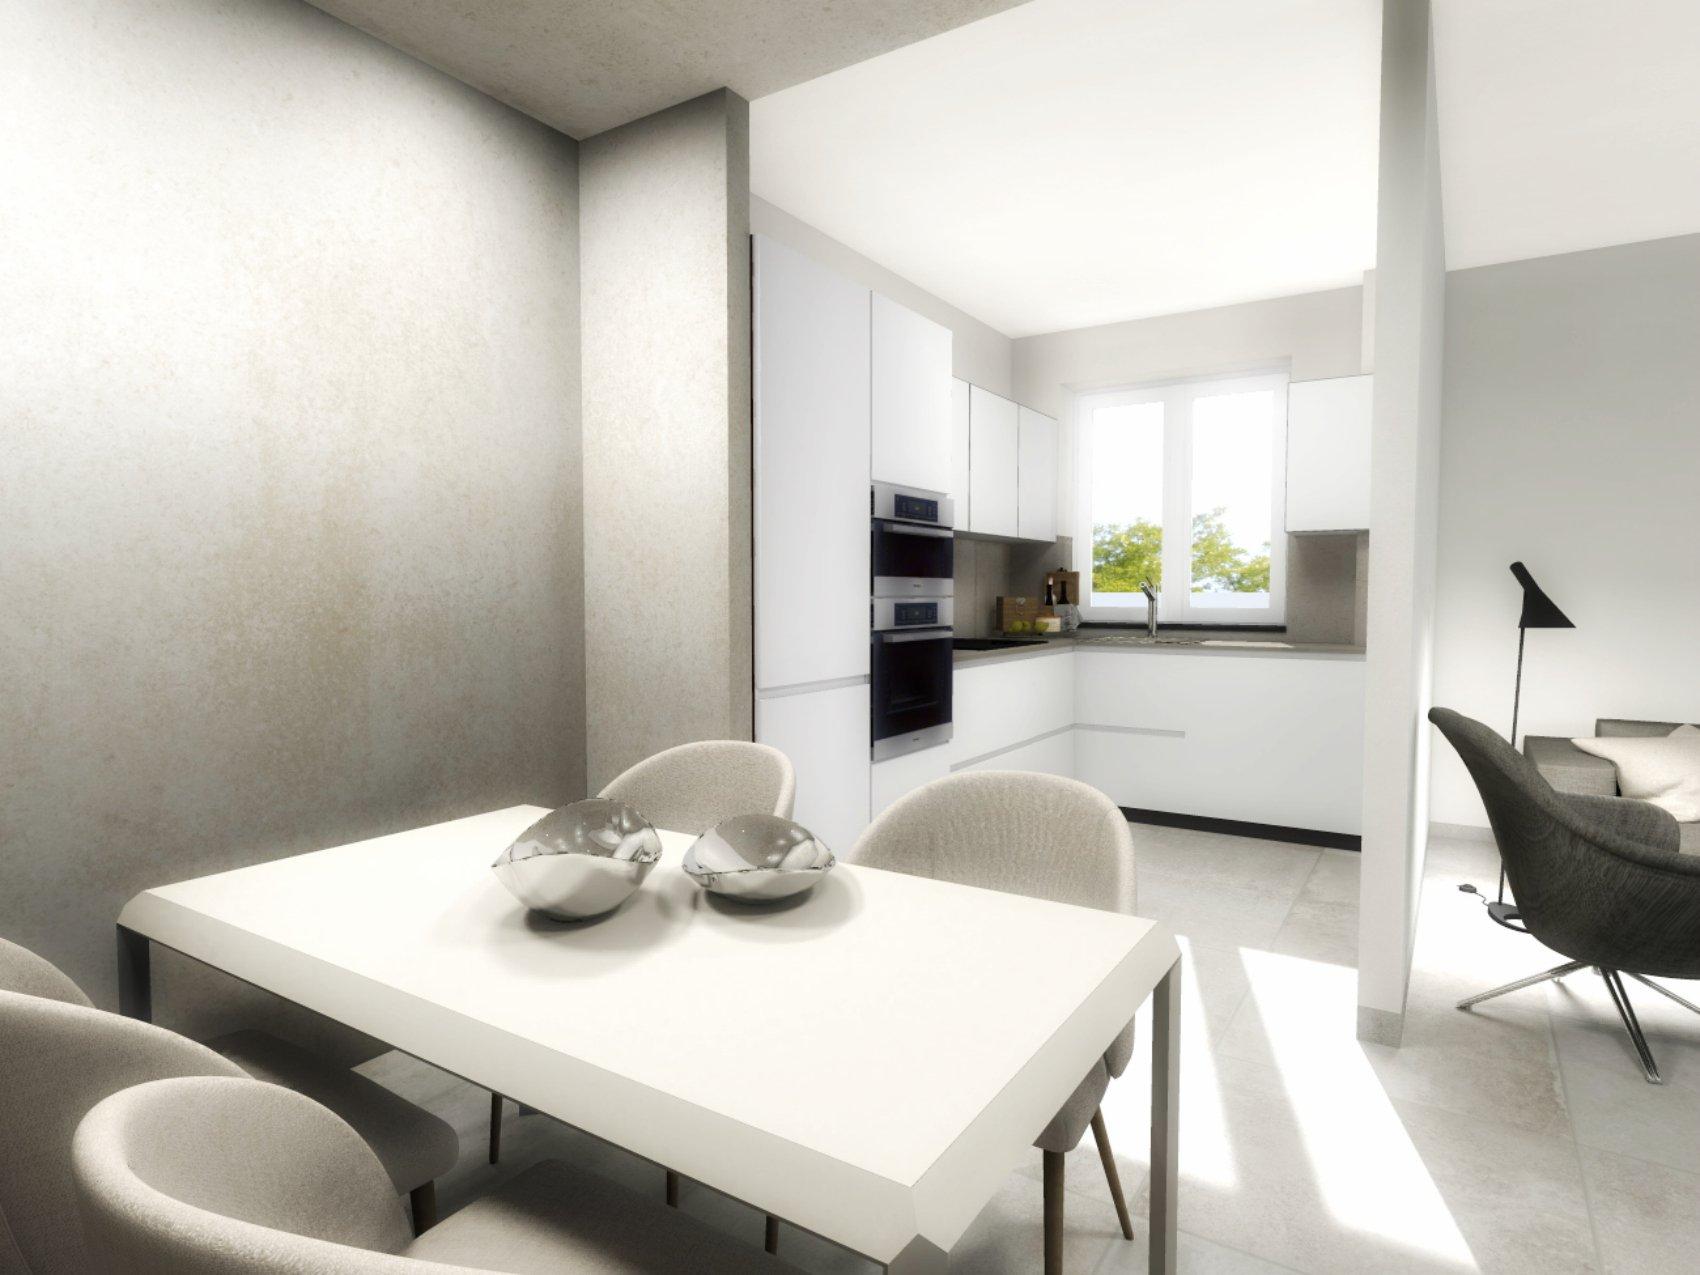 Cucina a vista o separata progetto in 3d cose di casa for Progetto 3d cucina